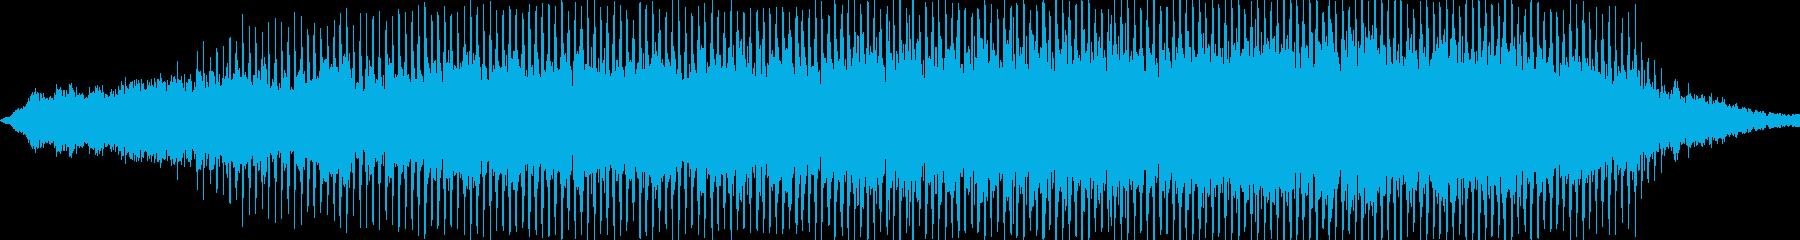 ダークで勢いのあるメロディーの再生済みの波形